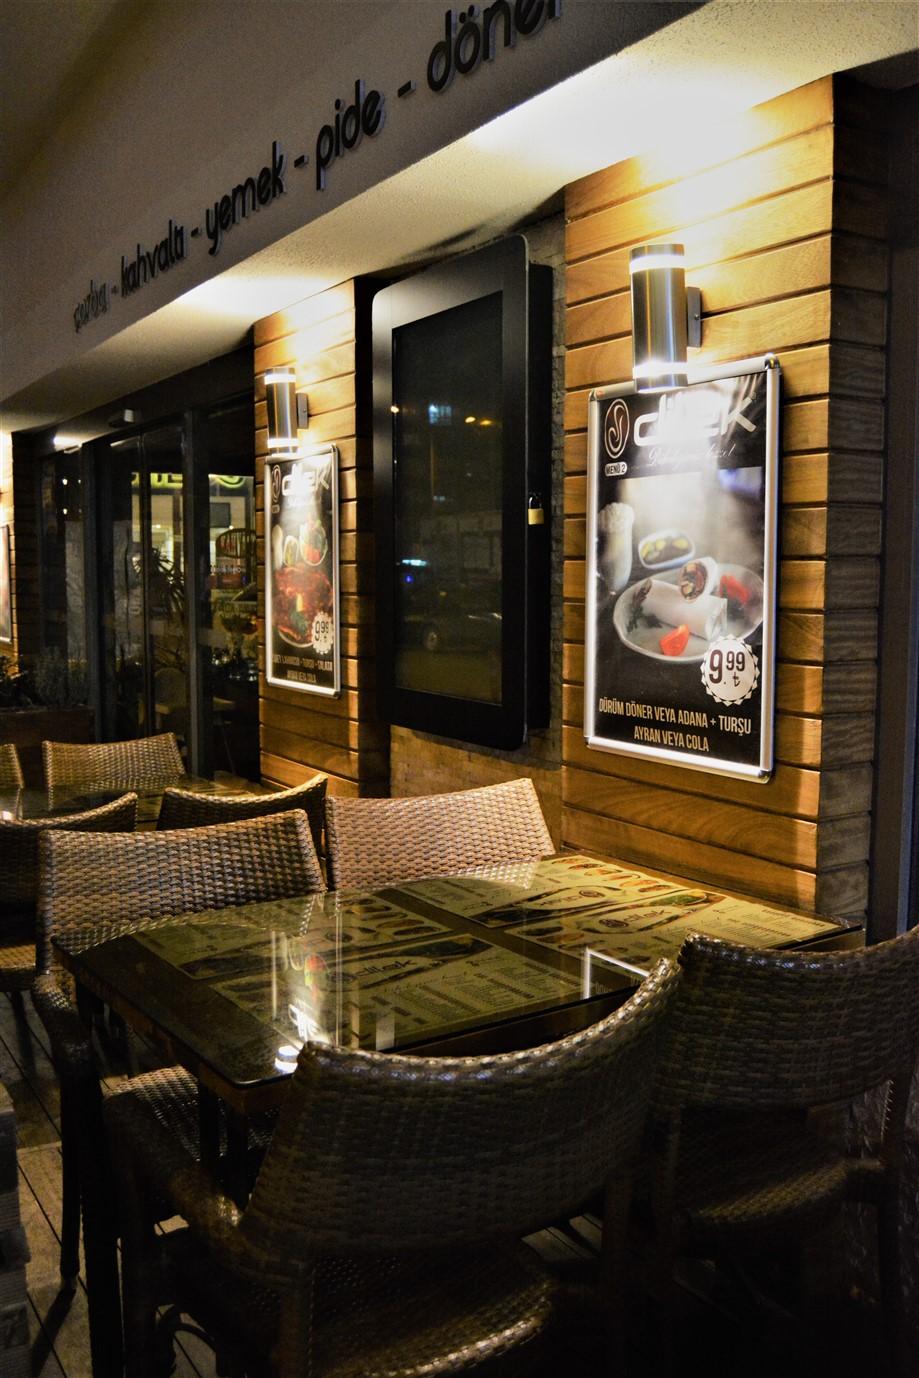 Dilek et restoran (14)